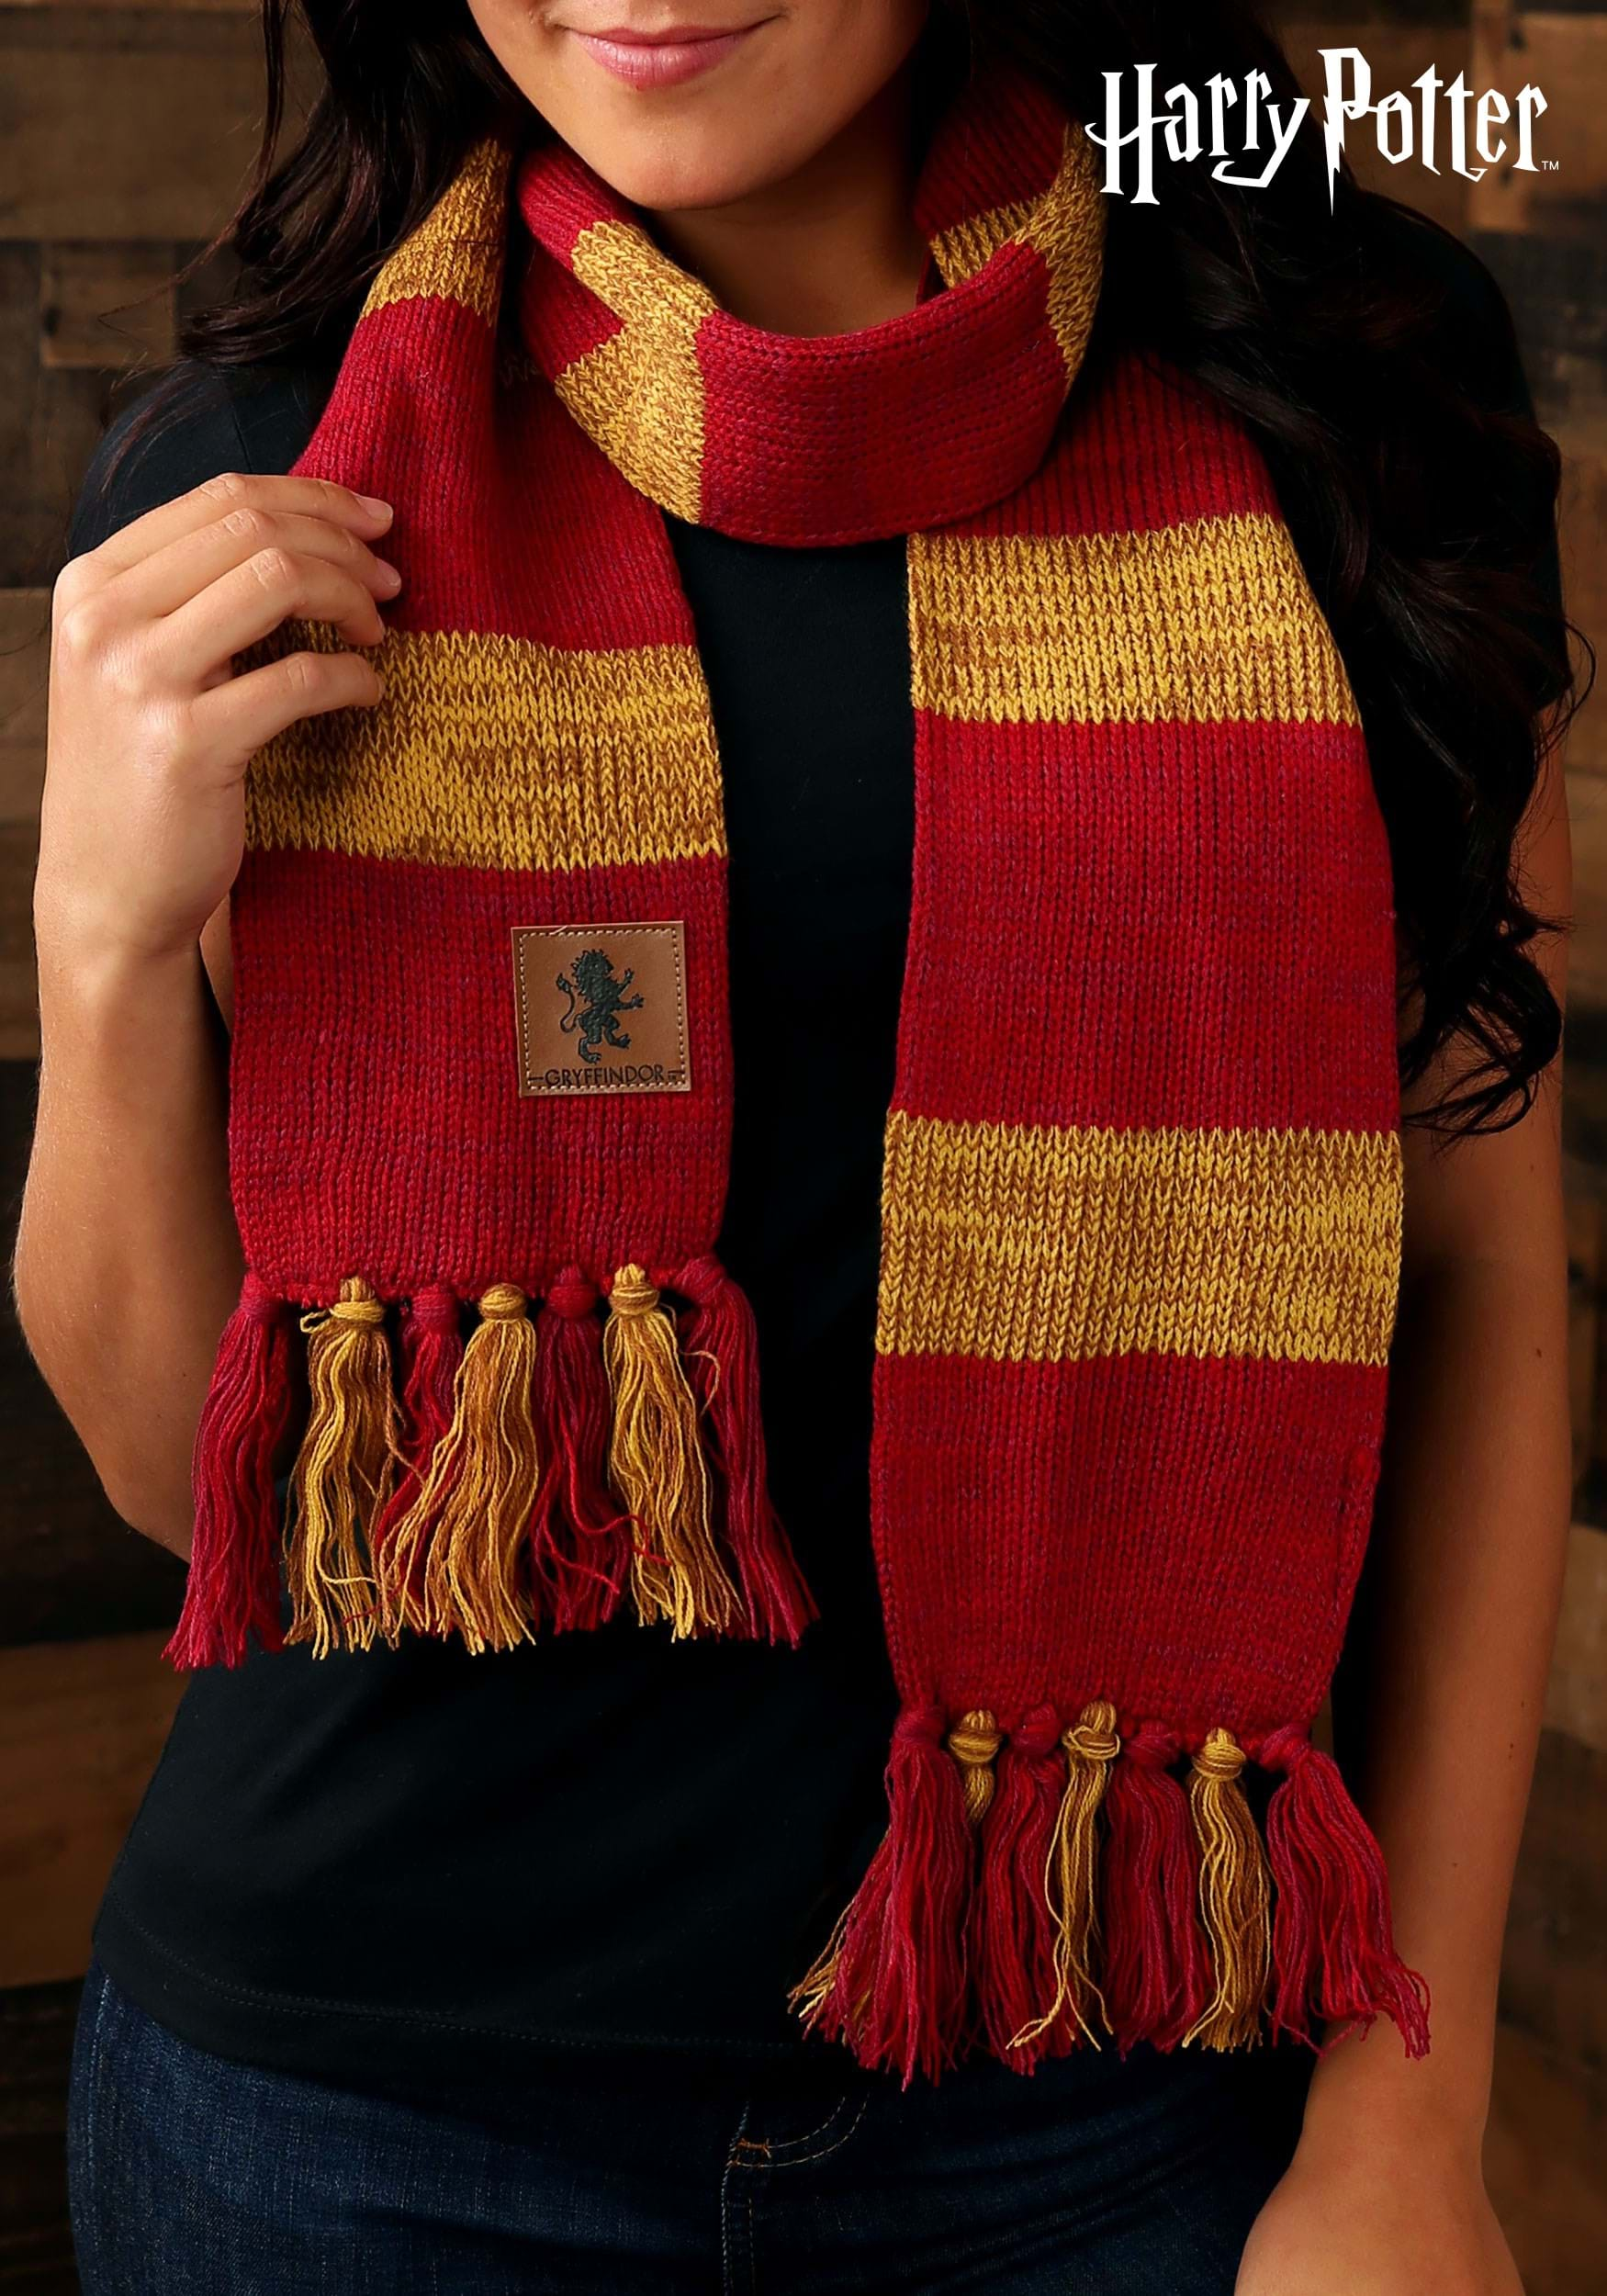 harry potter vintage hogwarts gryffindor scarf